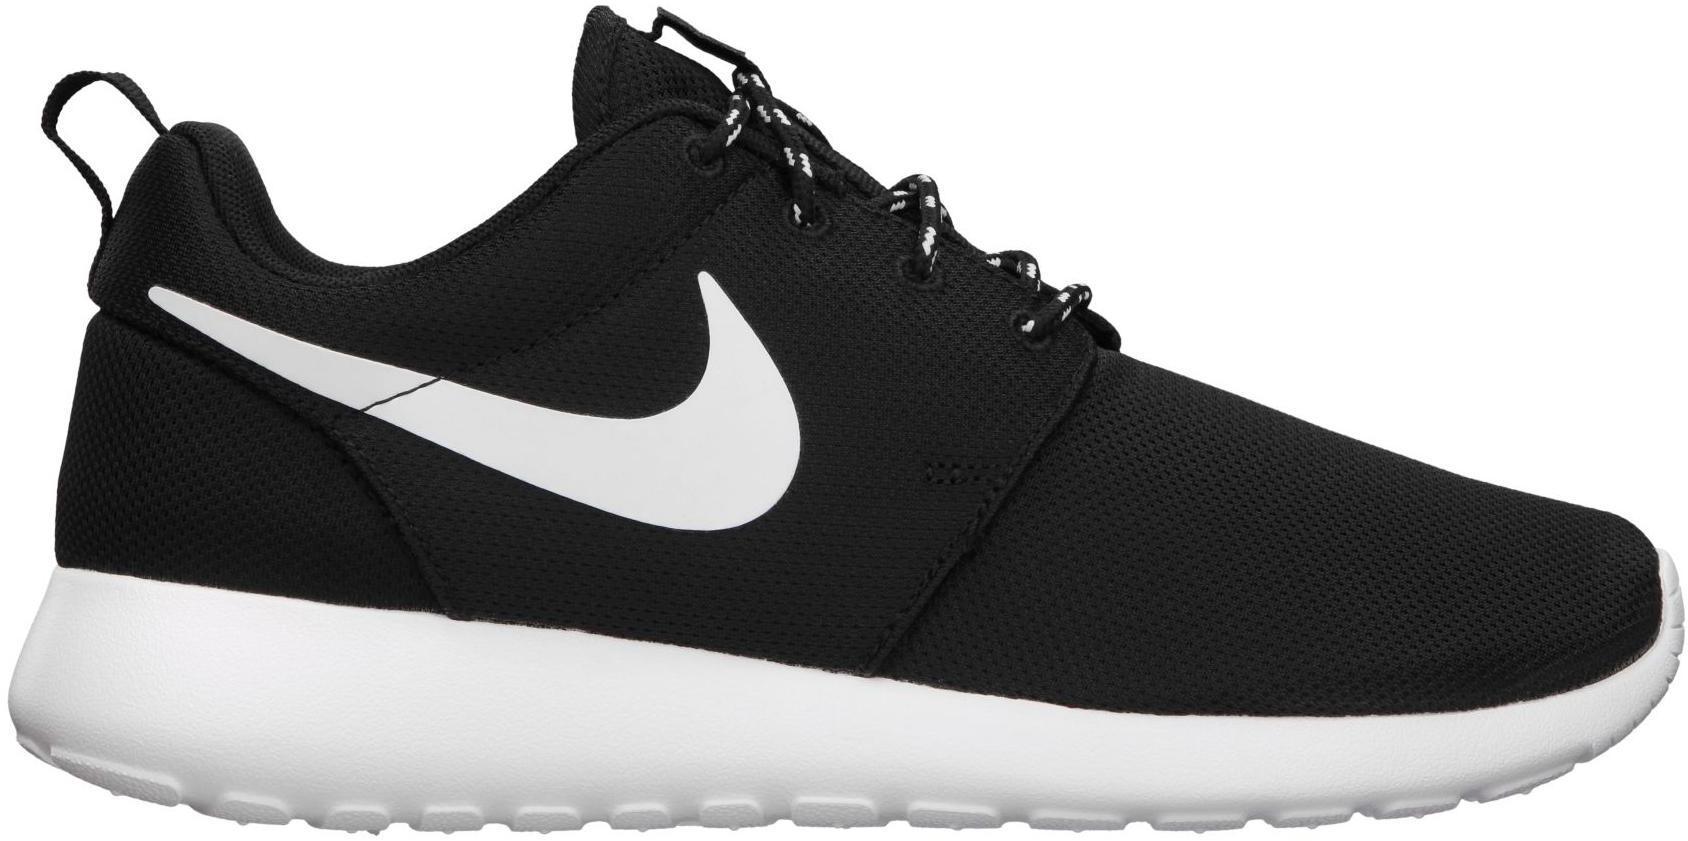 Nike Roshe Run Black White (GS